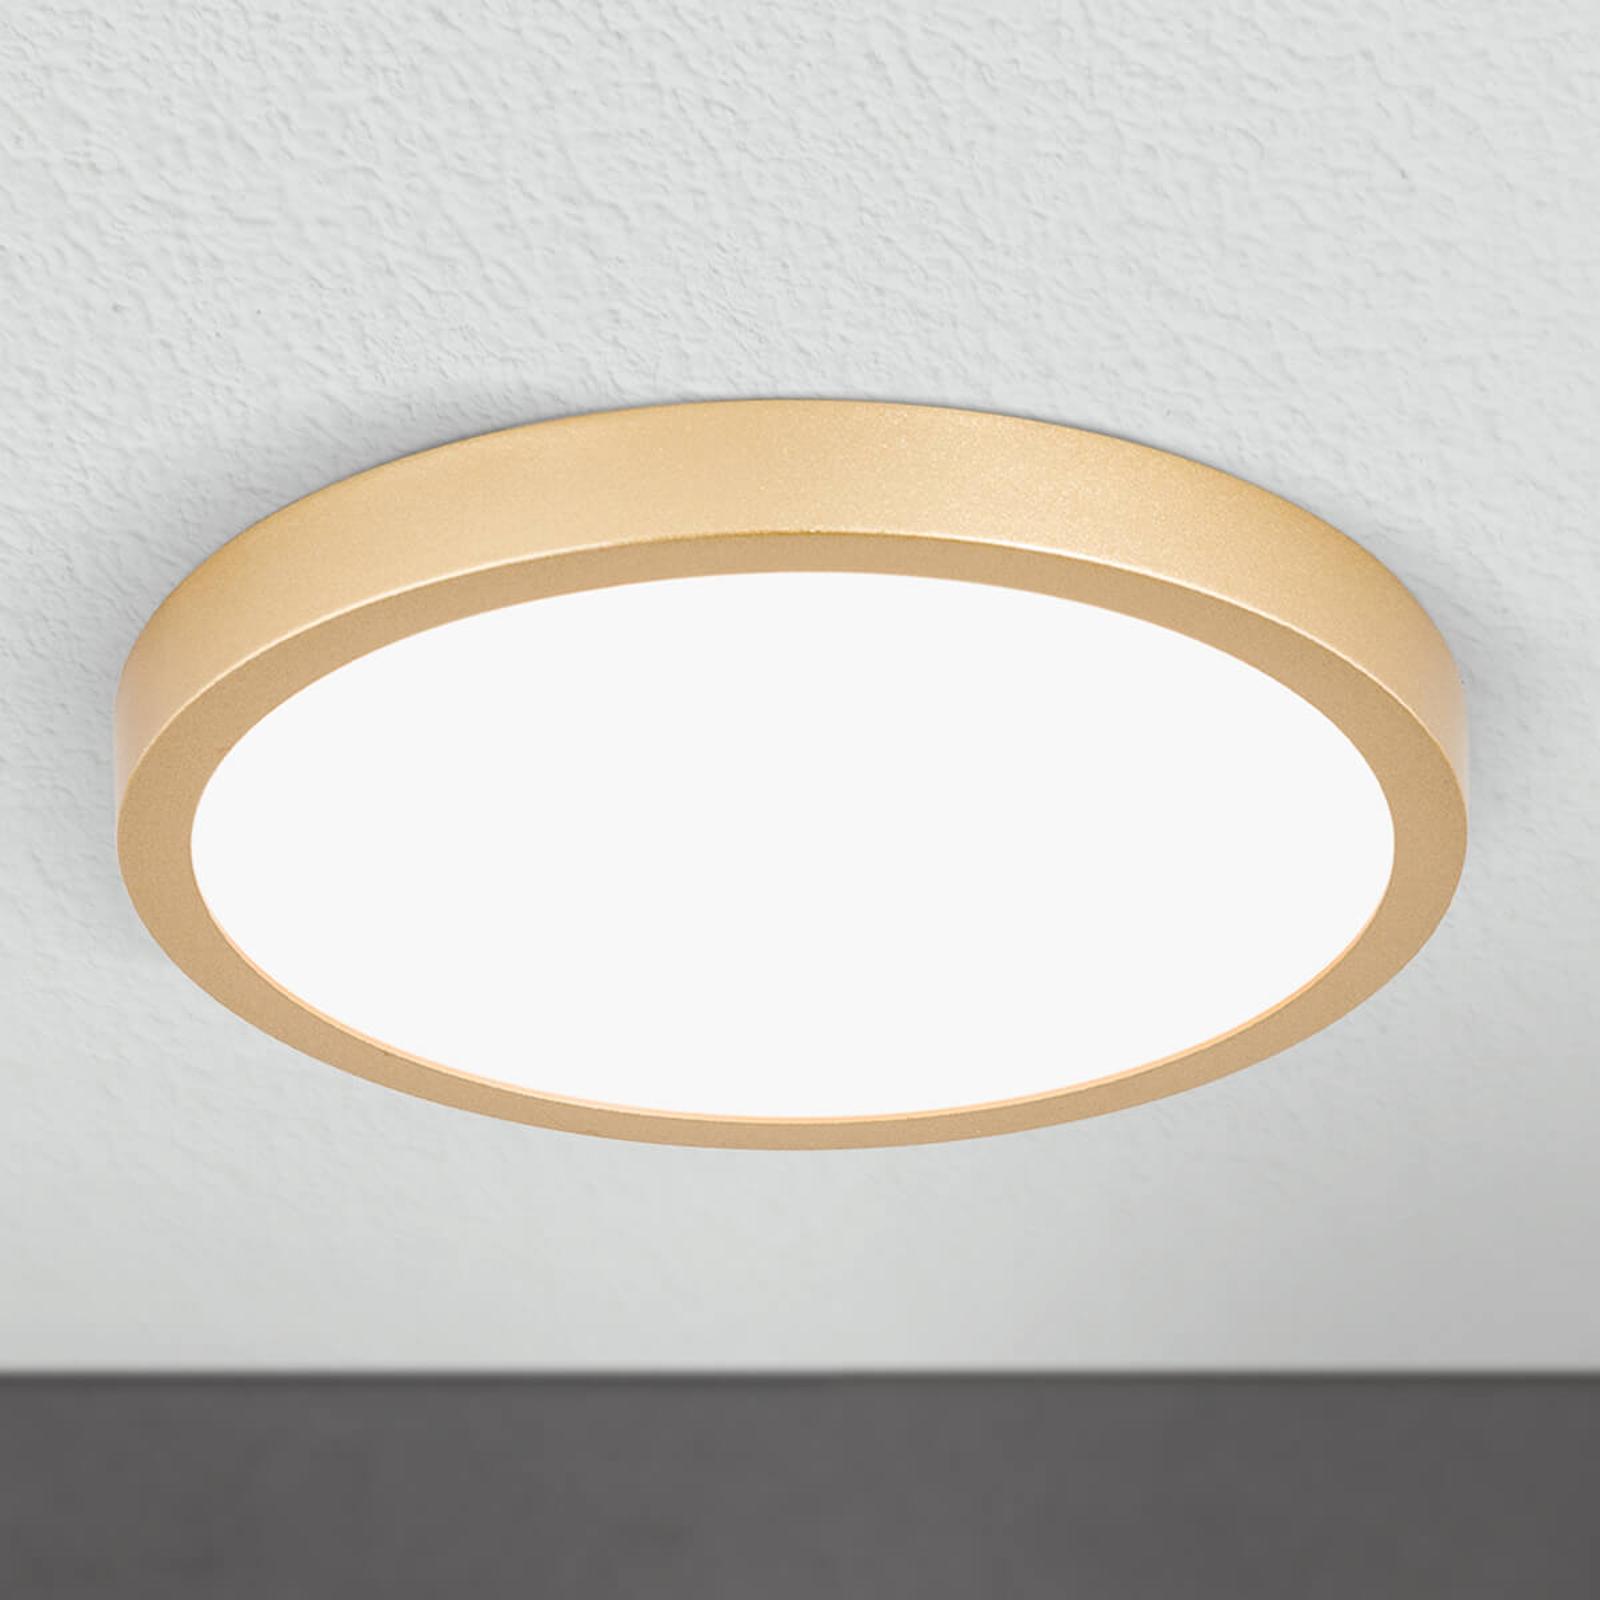 Ronde LED plafondlamp Vika - 23 cm